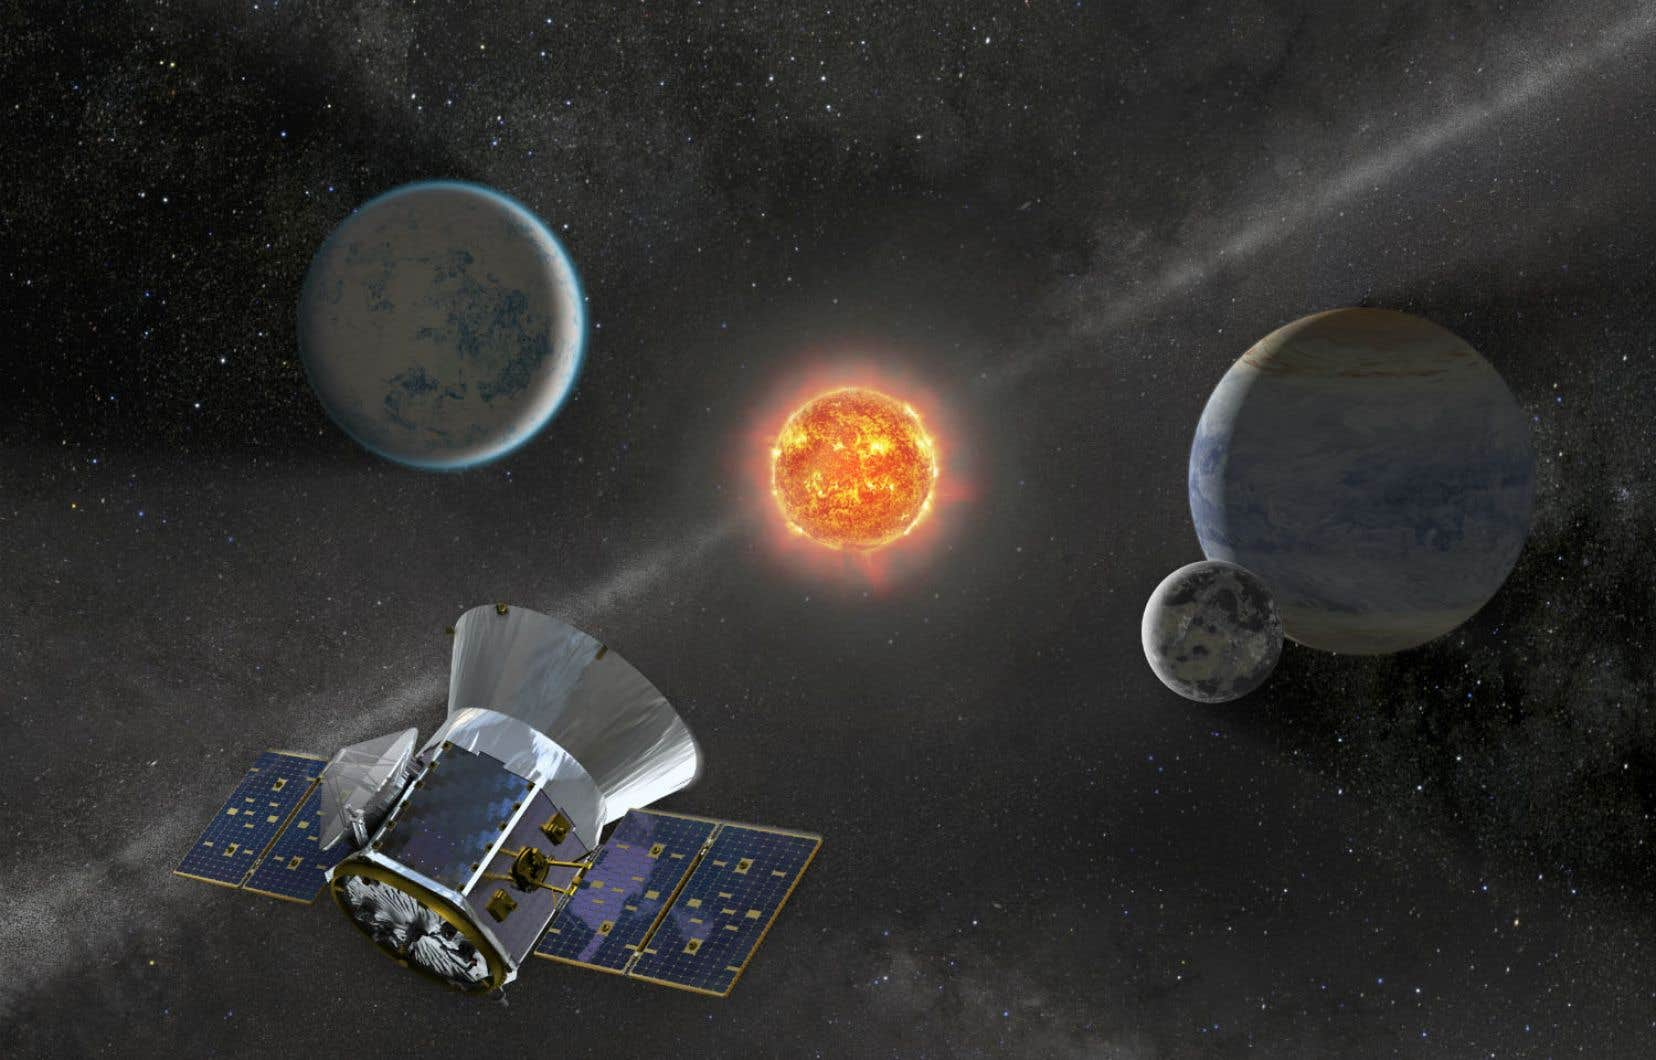 TESS repérera les exoplanètes par la méthode des transits, laquelle permet de détecter les planètes par l'obscurcissement qu'elles engendrent sur leur étoile lorsqu'elles passent devant elle.